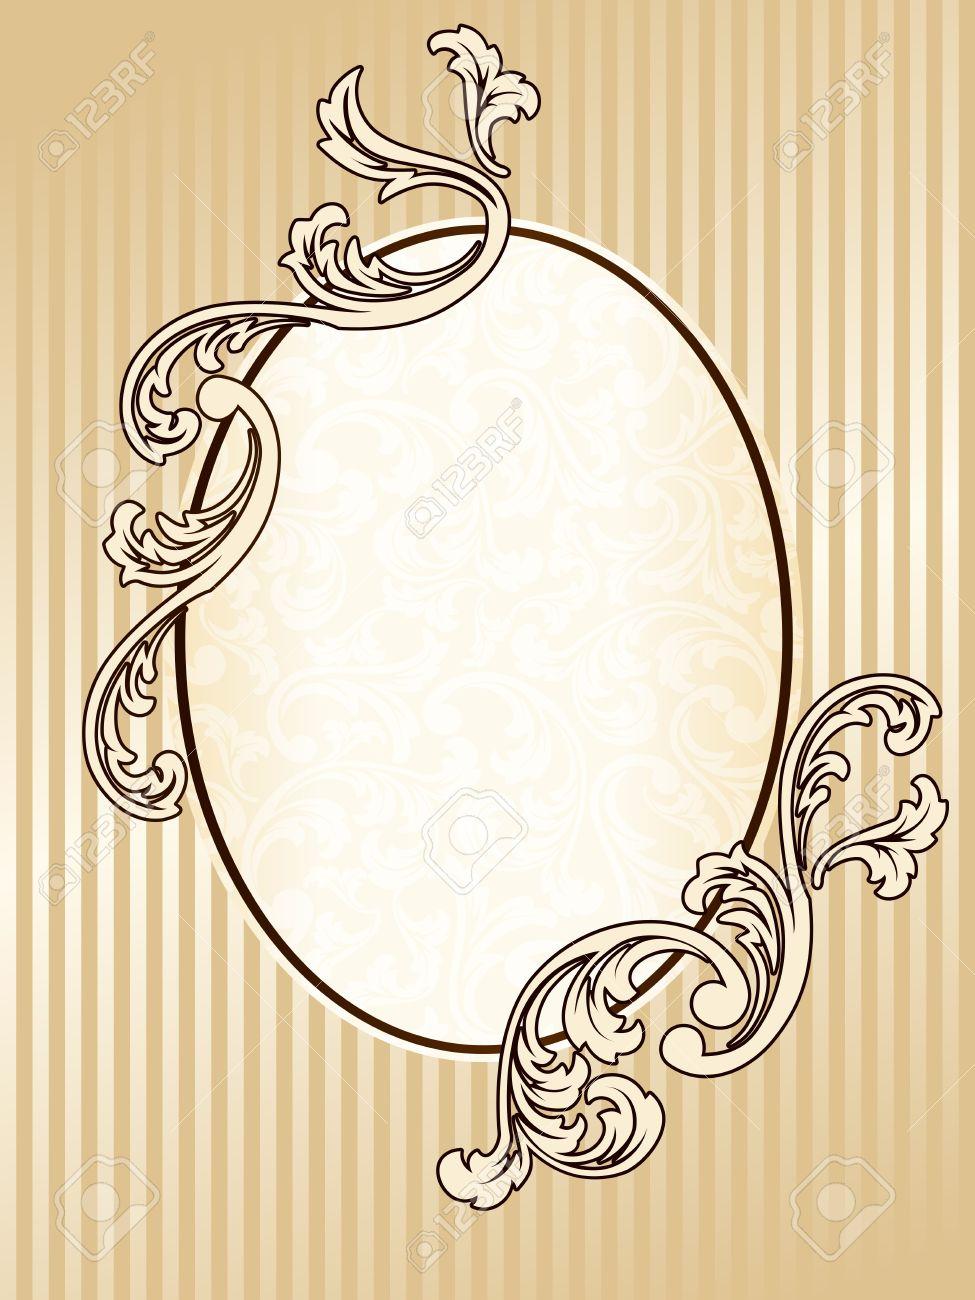 eras of elegance victorian